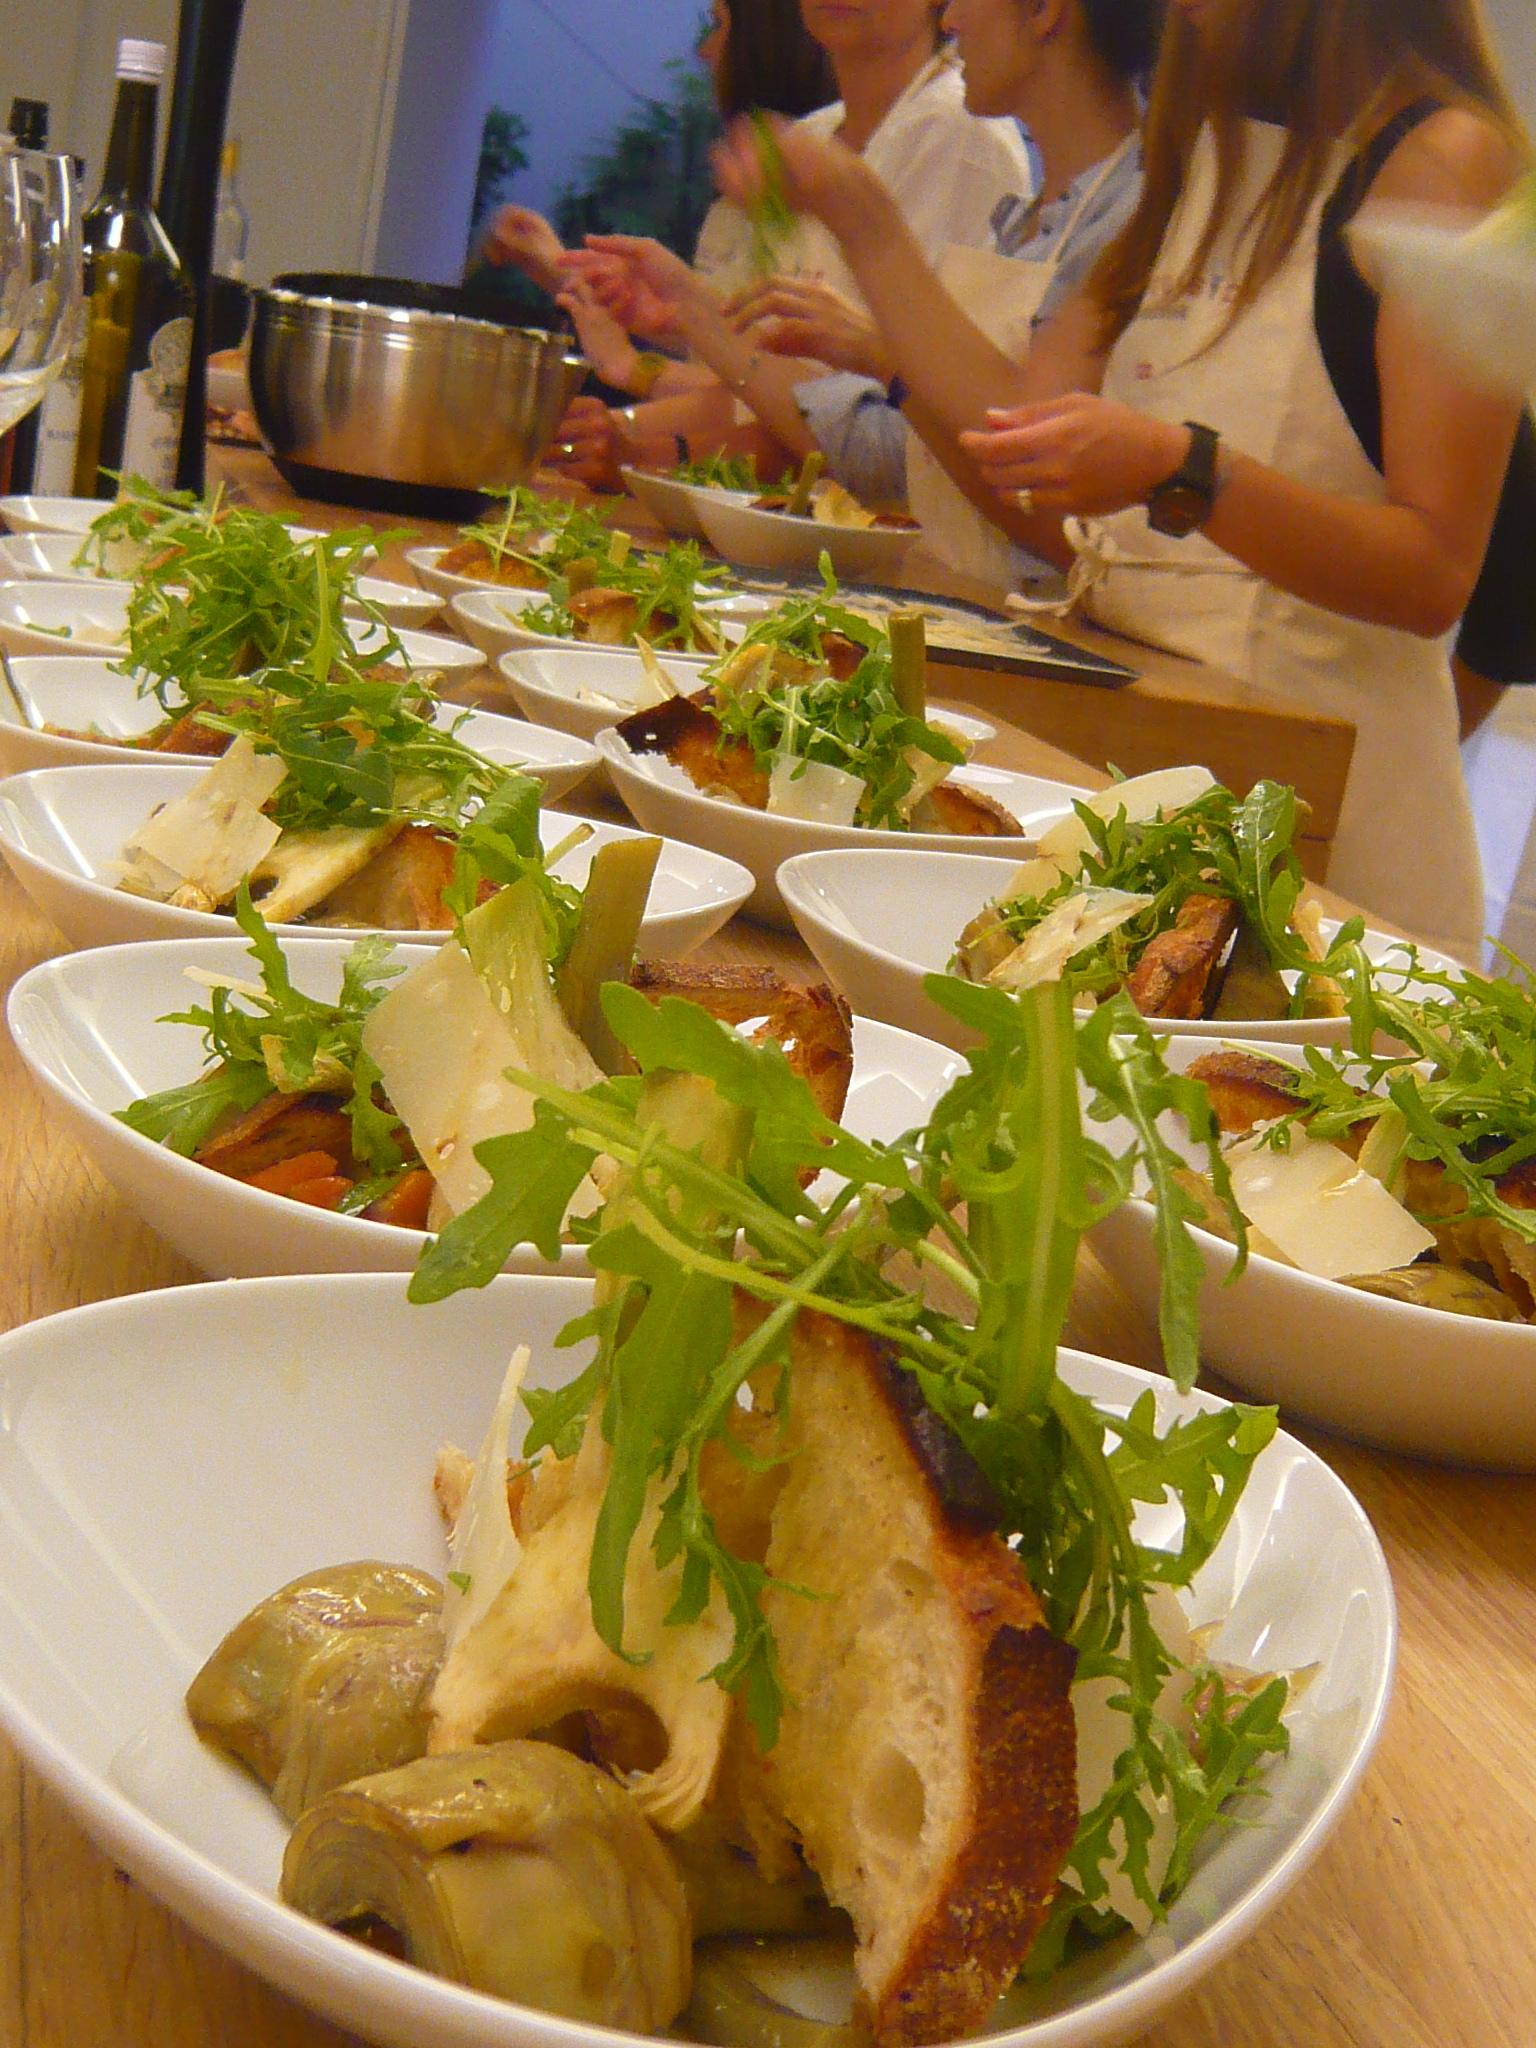 Cours l ecole de cuisine alain ducasse le tablier de for Alain ducasse ecole de cuisine